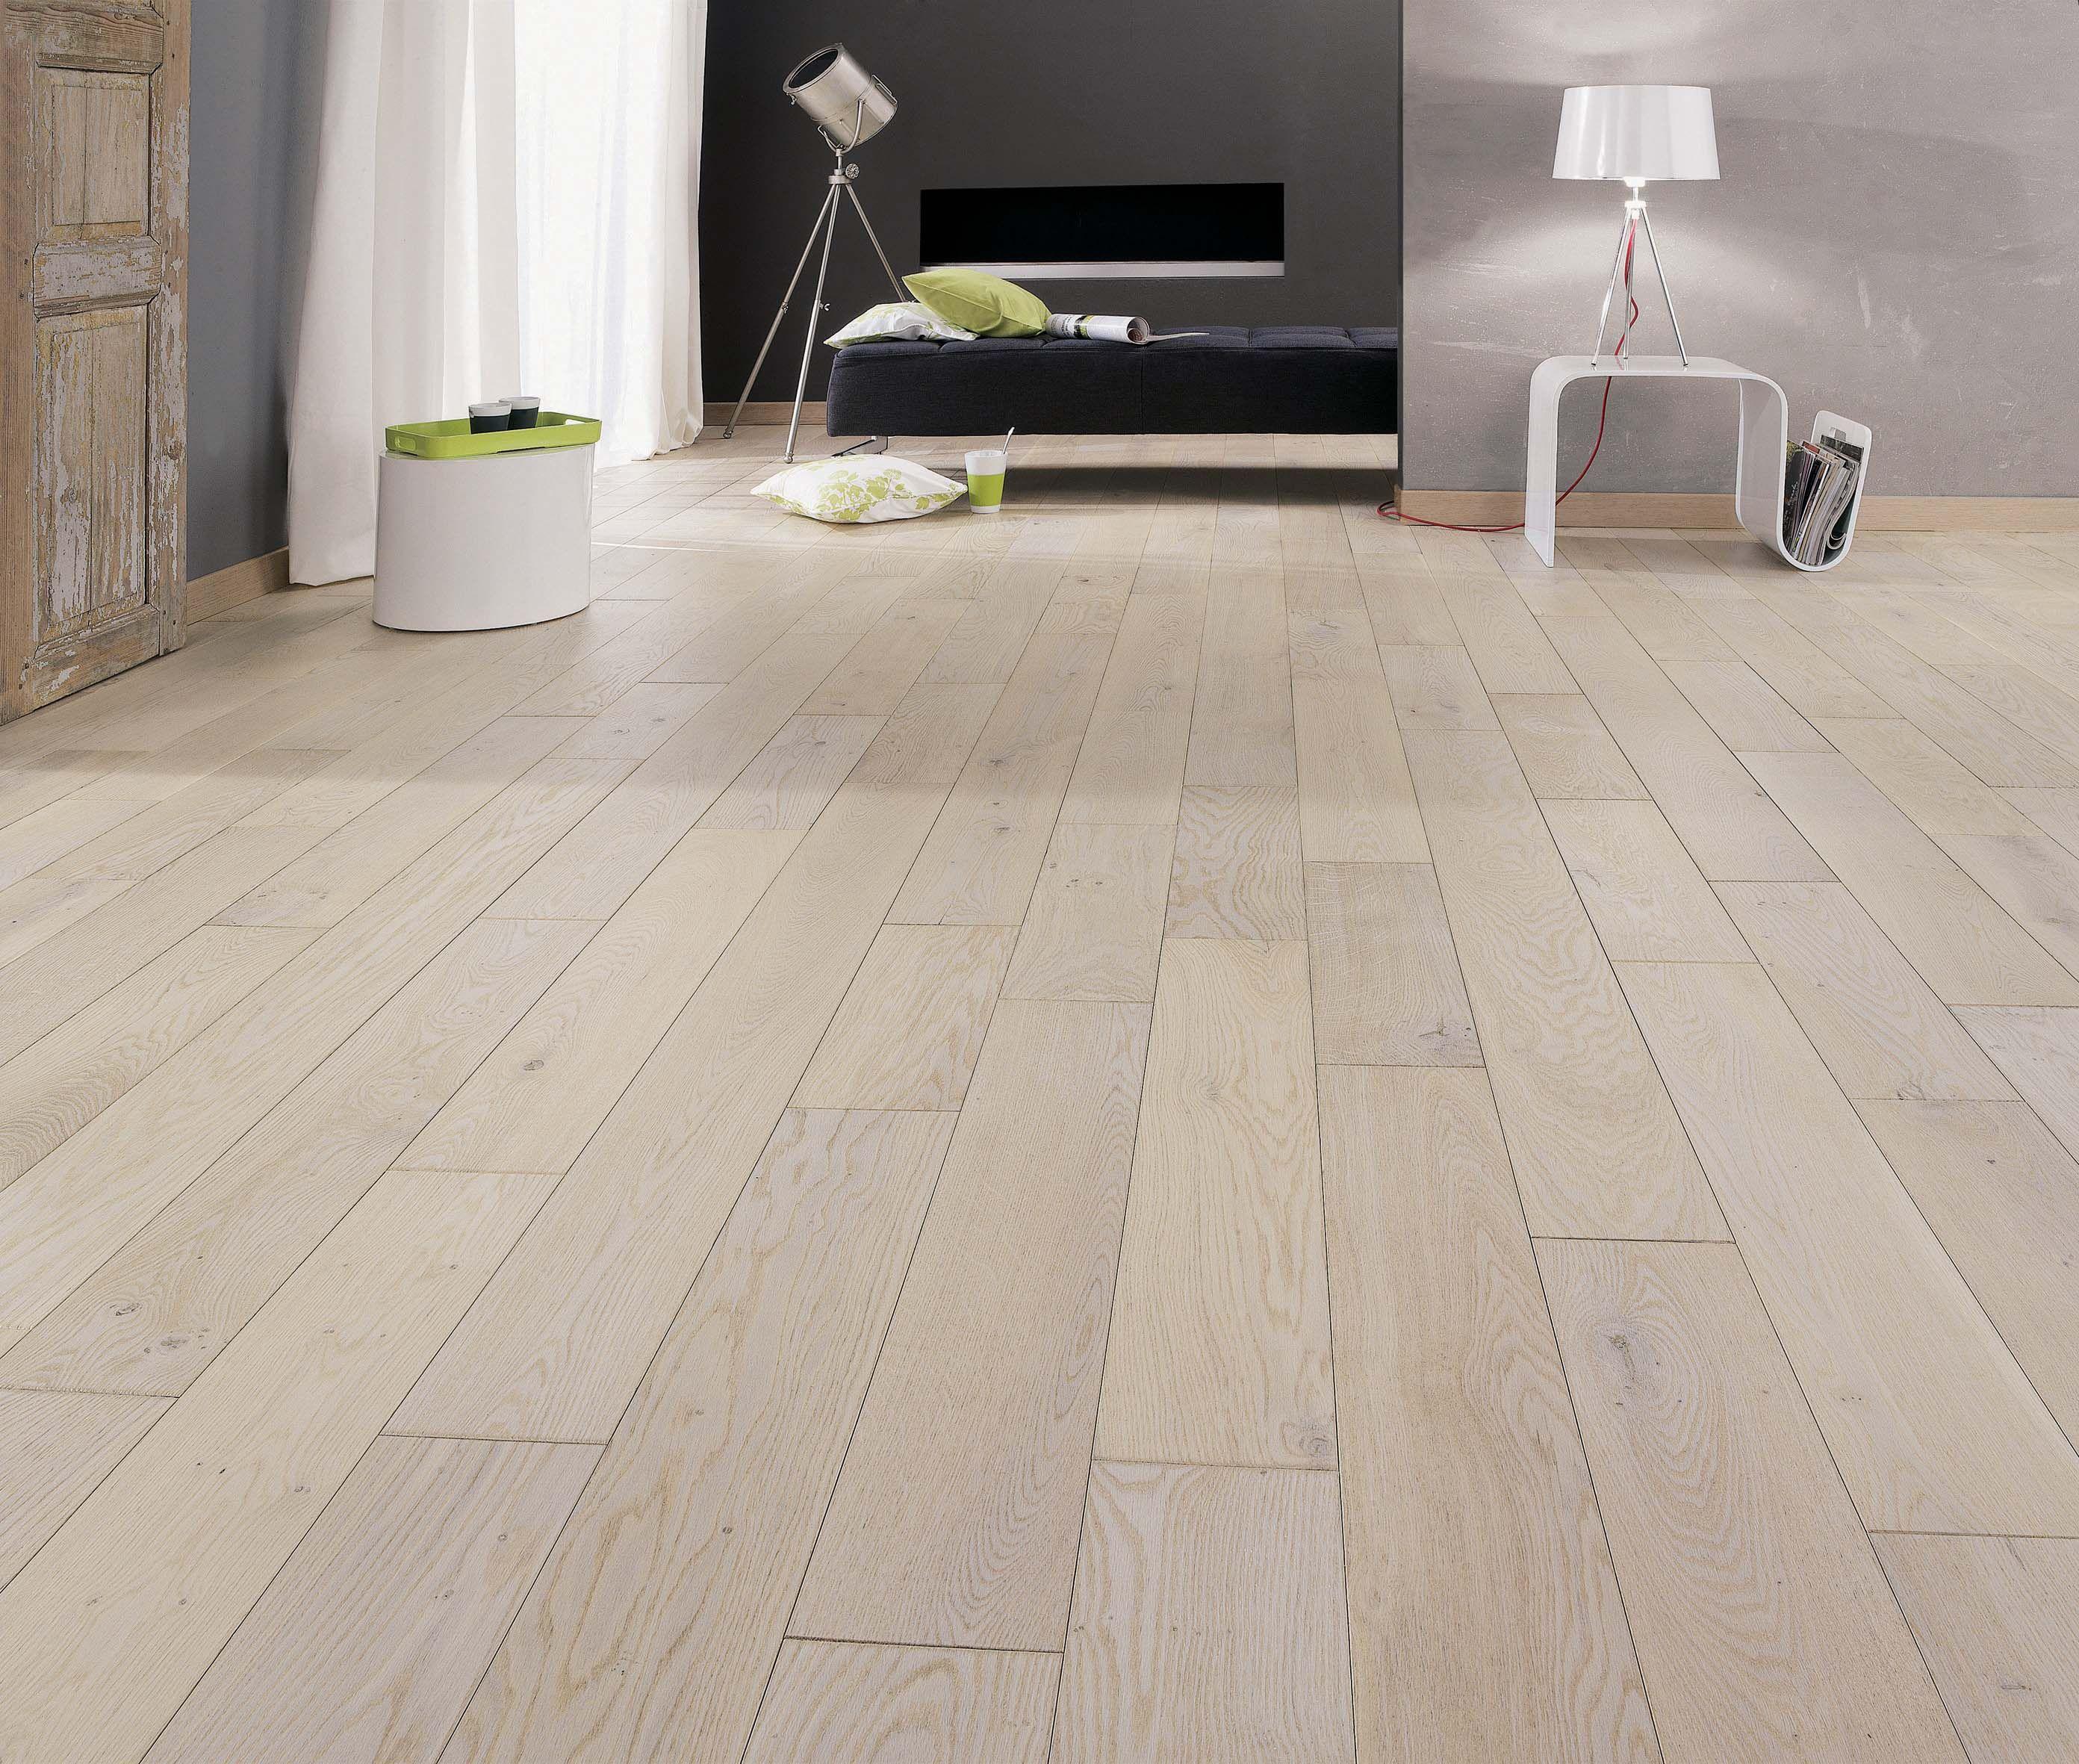 Dans Cette Chambre Sublime Parquet Massif En Chene Blanchi Avec De Belles Veines Reference Parquet Chene Authent Flooring Tiles Designs Flooring Tile Floor